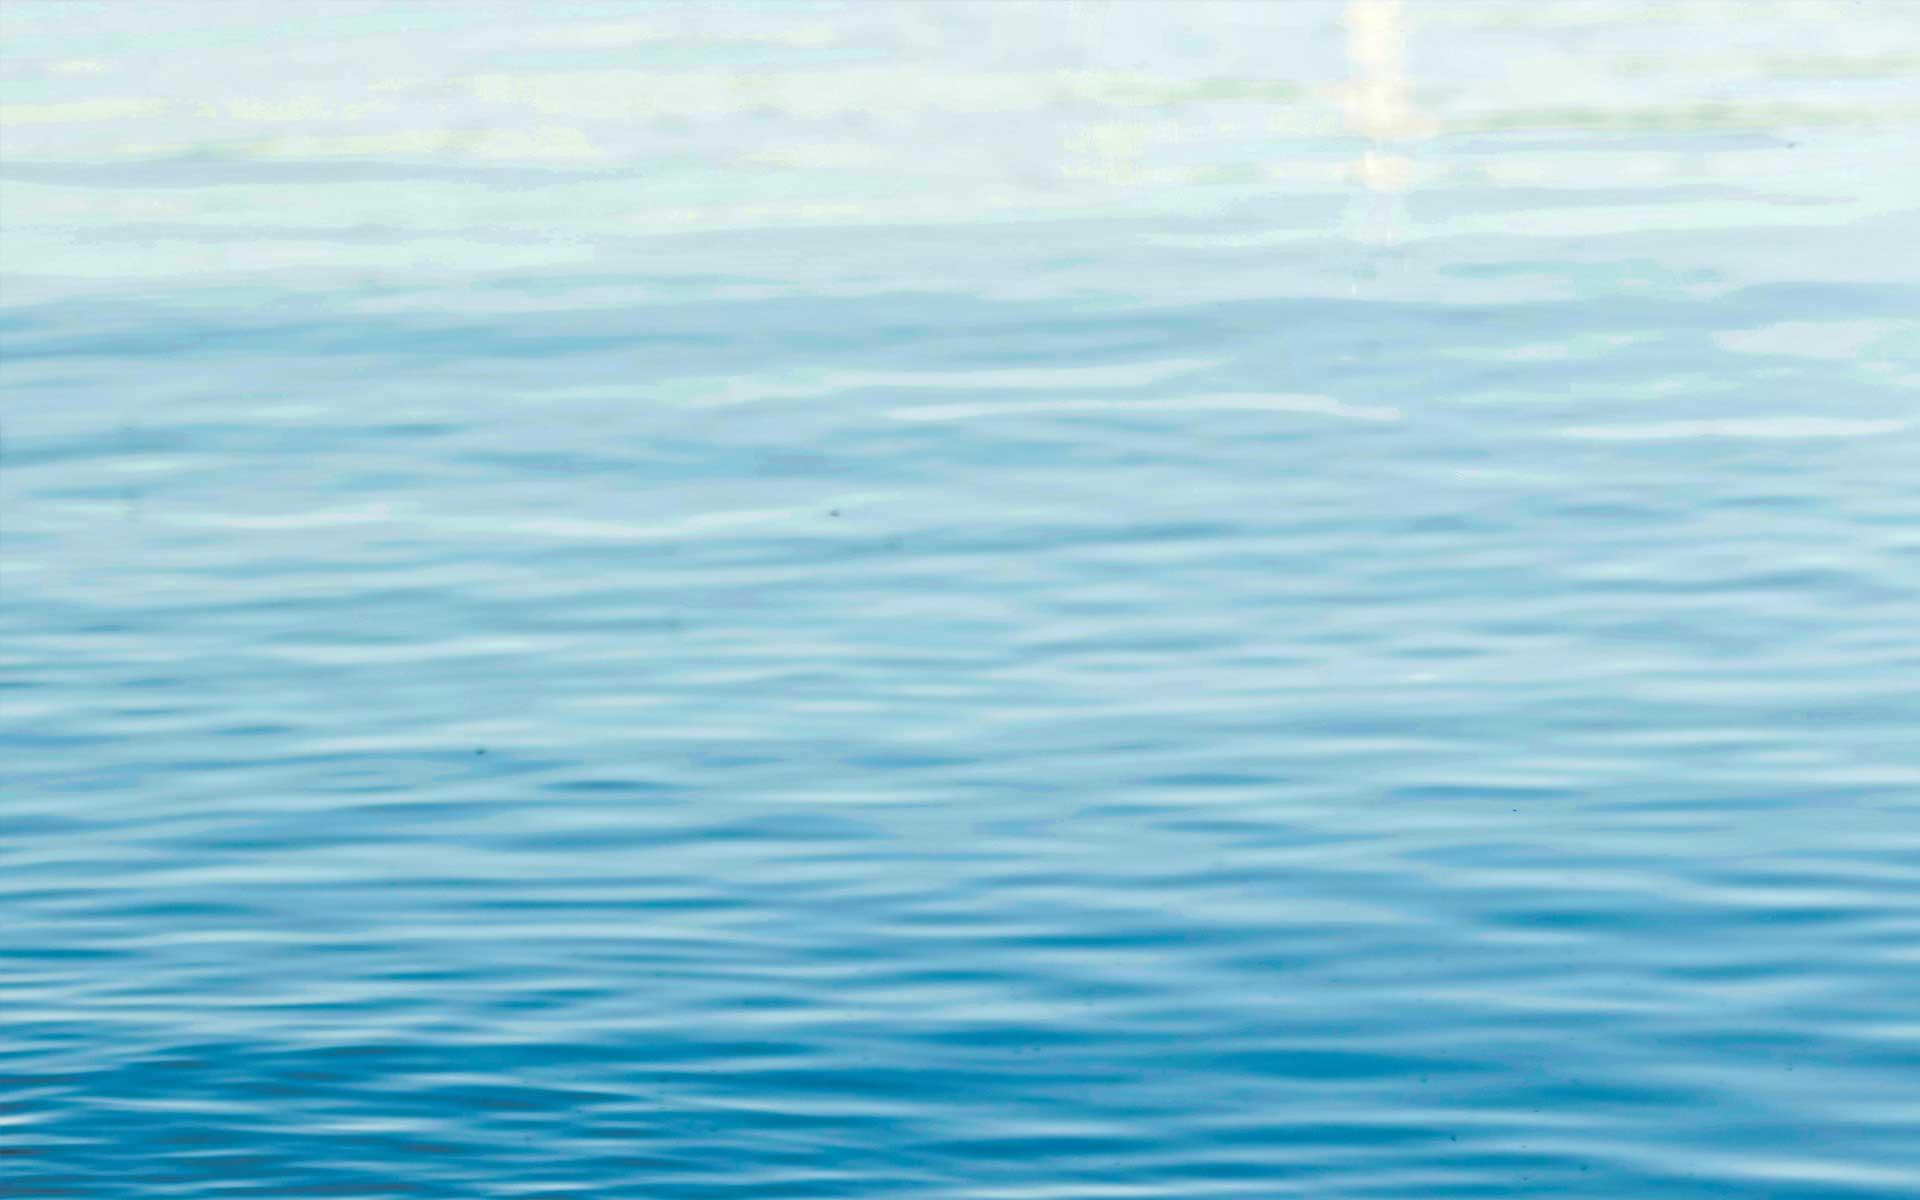 Mar azul, elemento que forma parte del análisis de la radiactvidad ambiental de AGQ Labs España